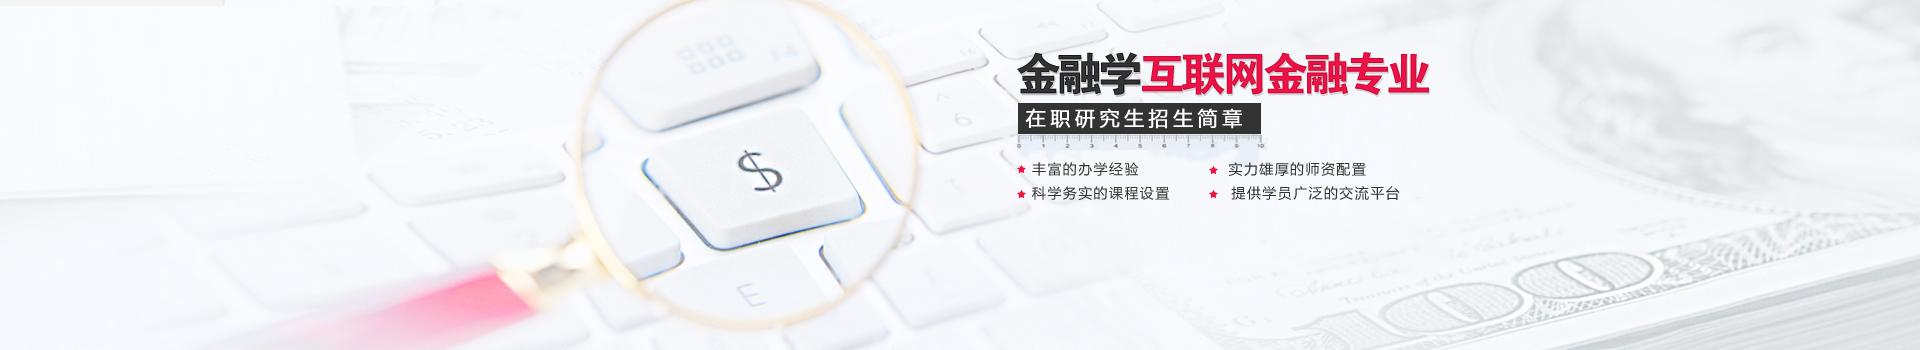 中央财经大学金融学院金融学(互联网金融)在职研究生招生简章